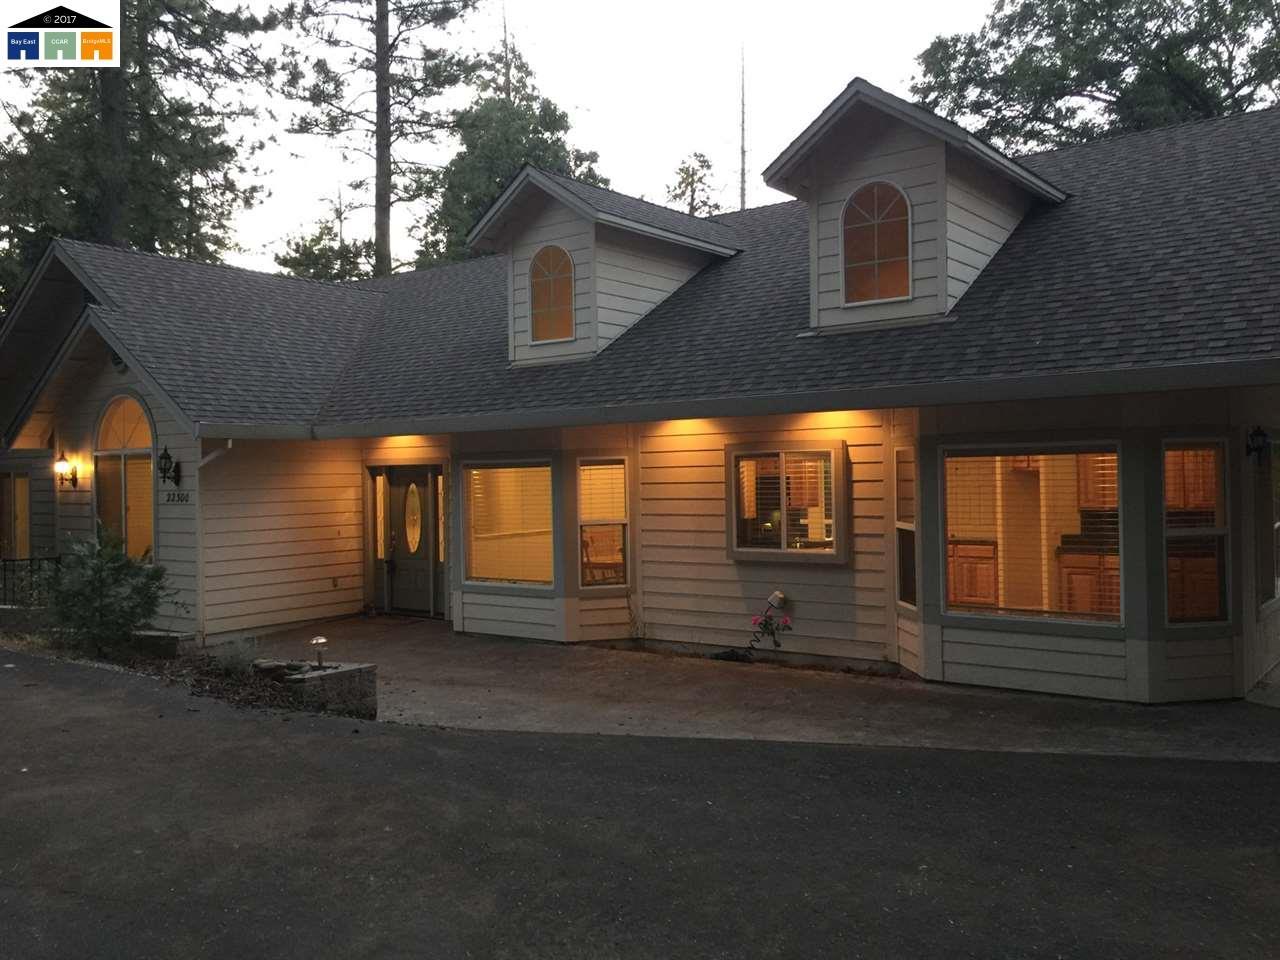 Einfamilienhaus für Verkauf beim 22300 Ridge Road 22300 Ridge Road Twain Harte, Kalifornien 95383 Vereinigte Staaten